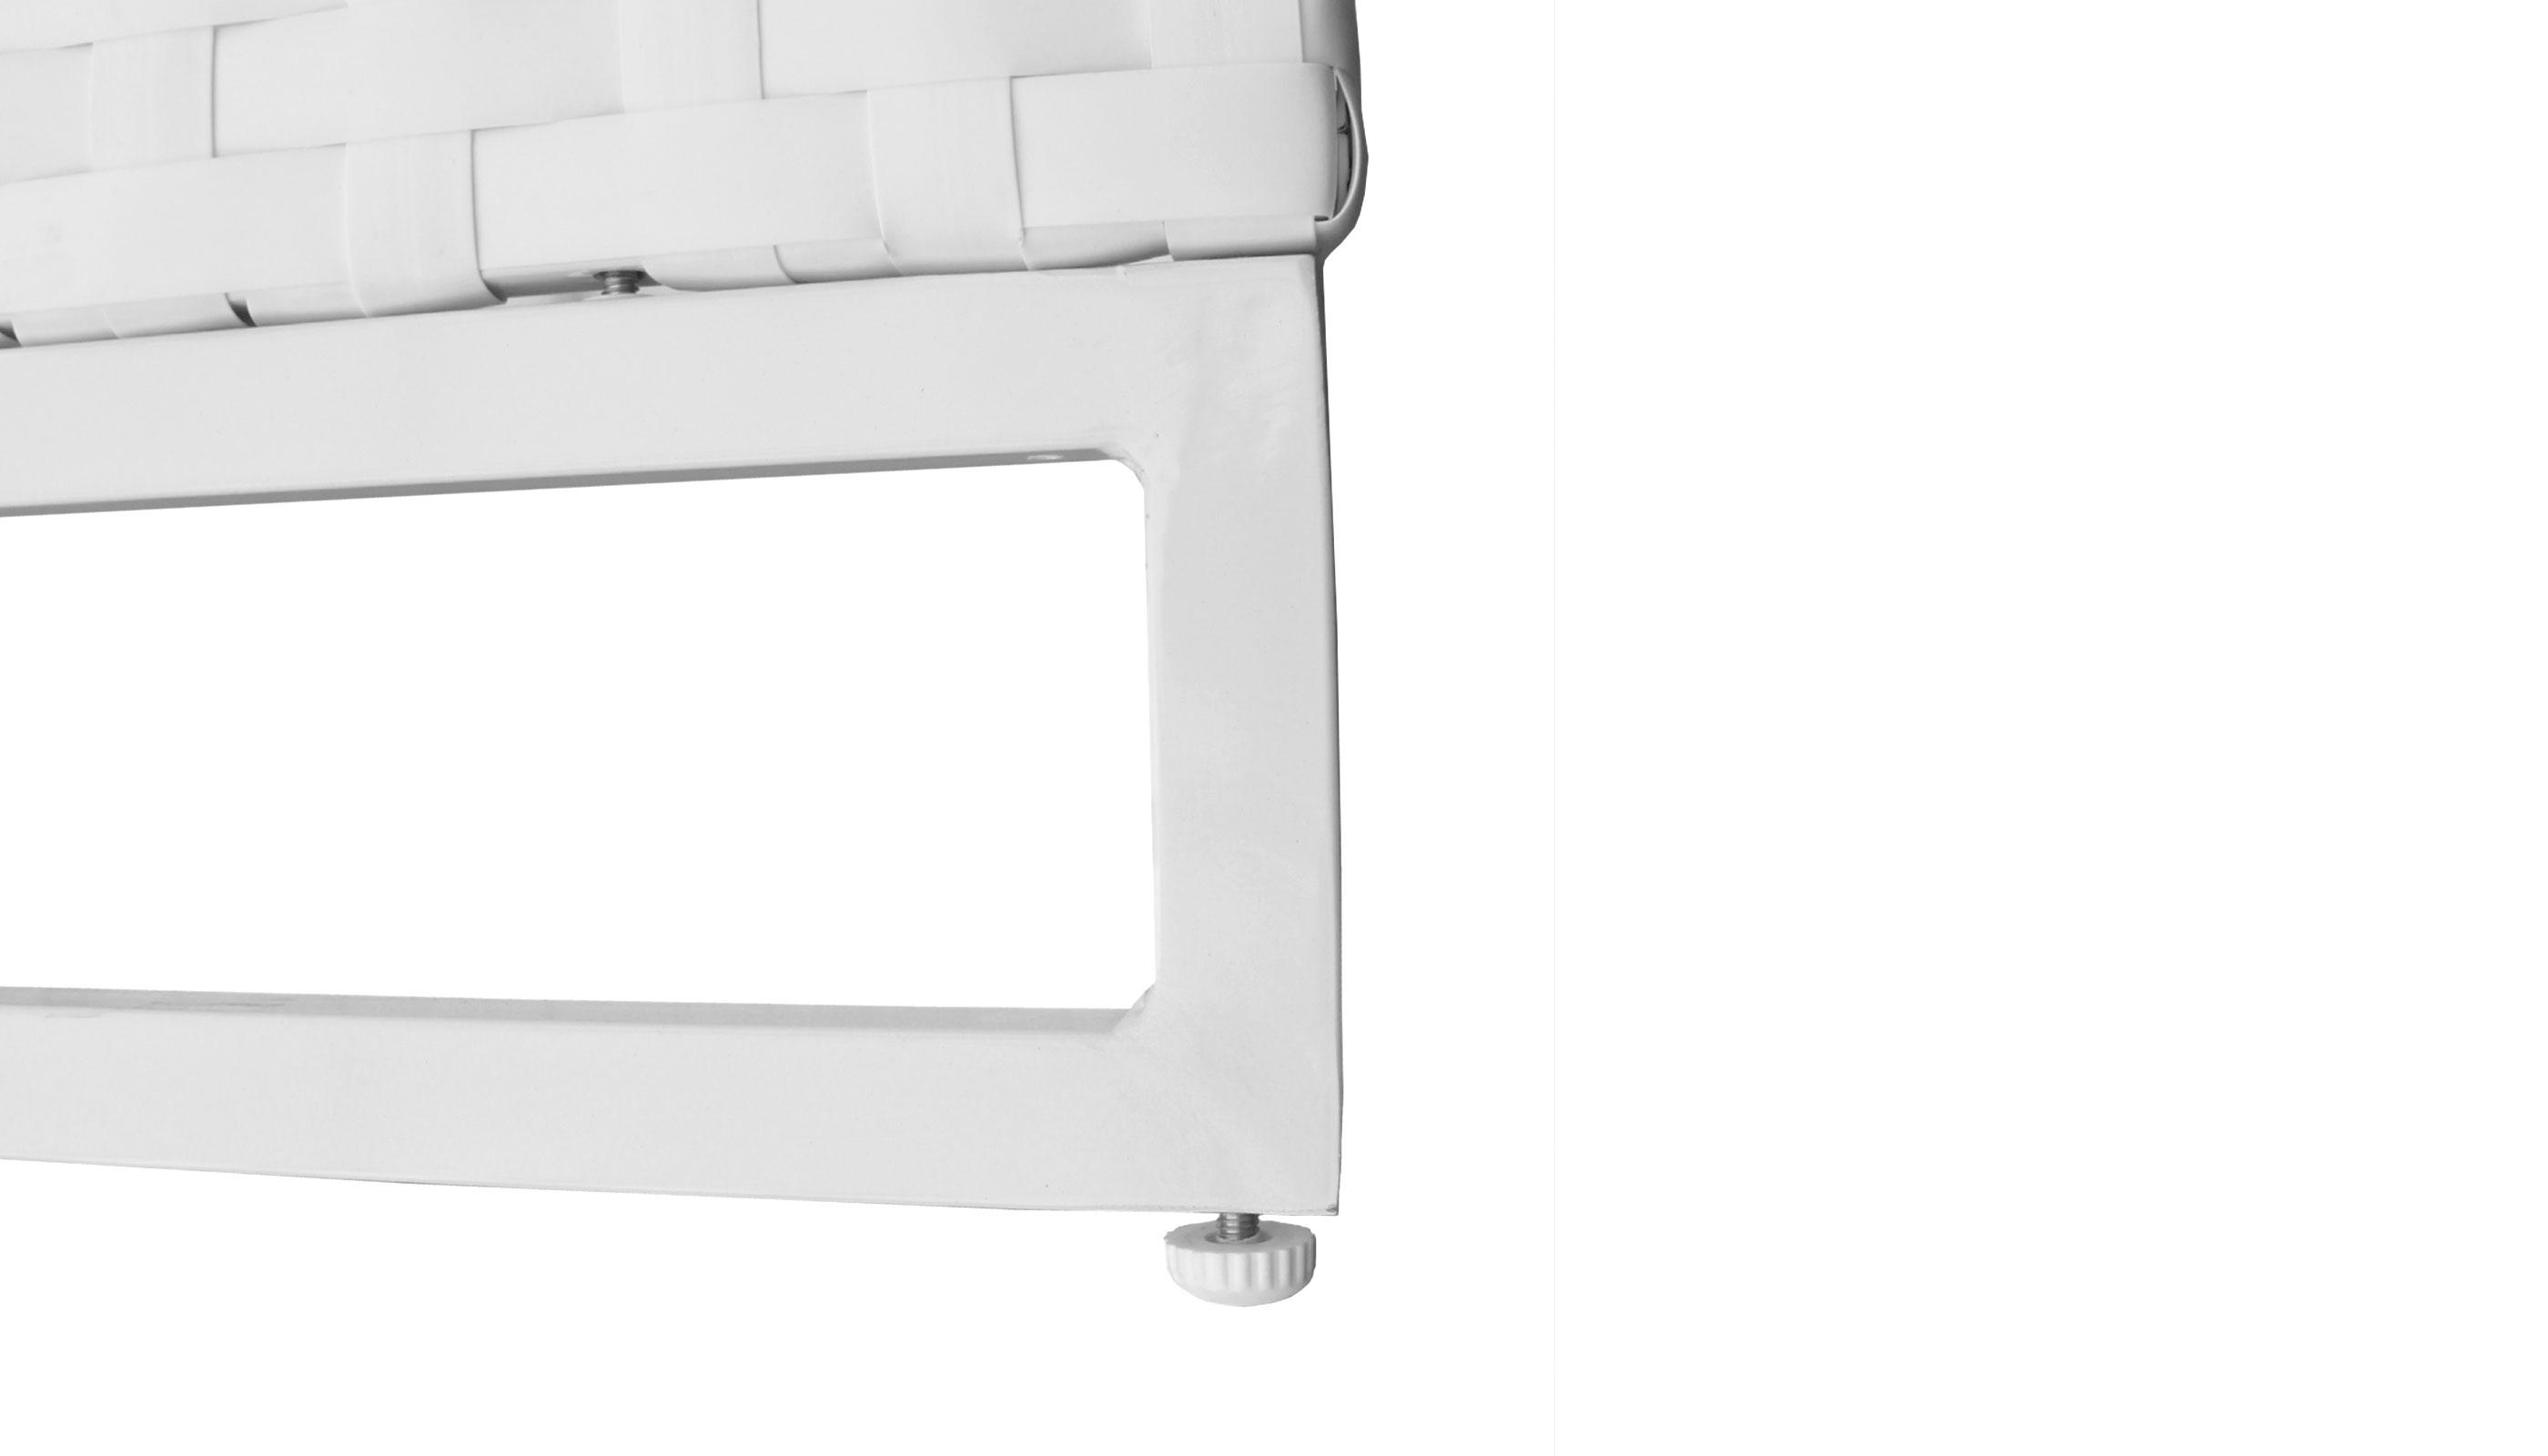 Monaco Chaise Outdoor Wicker Patio Furniture - TK Classics